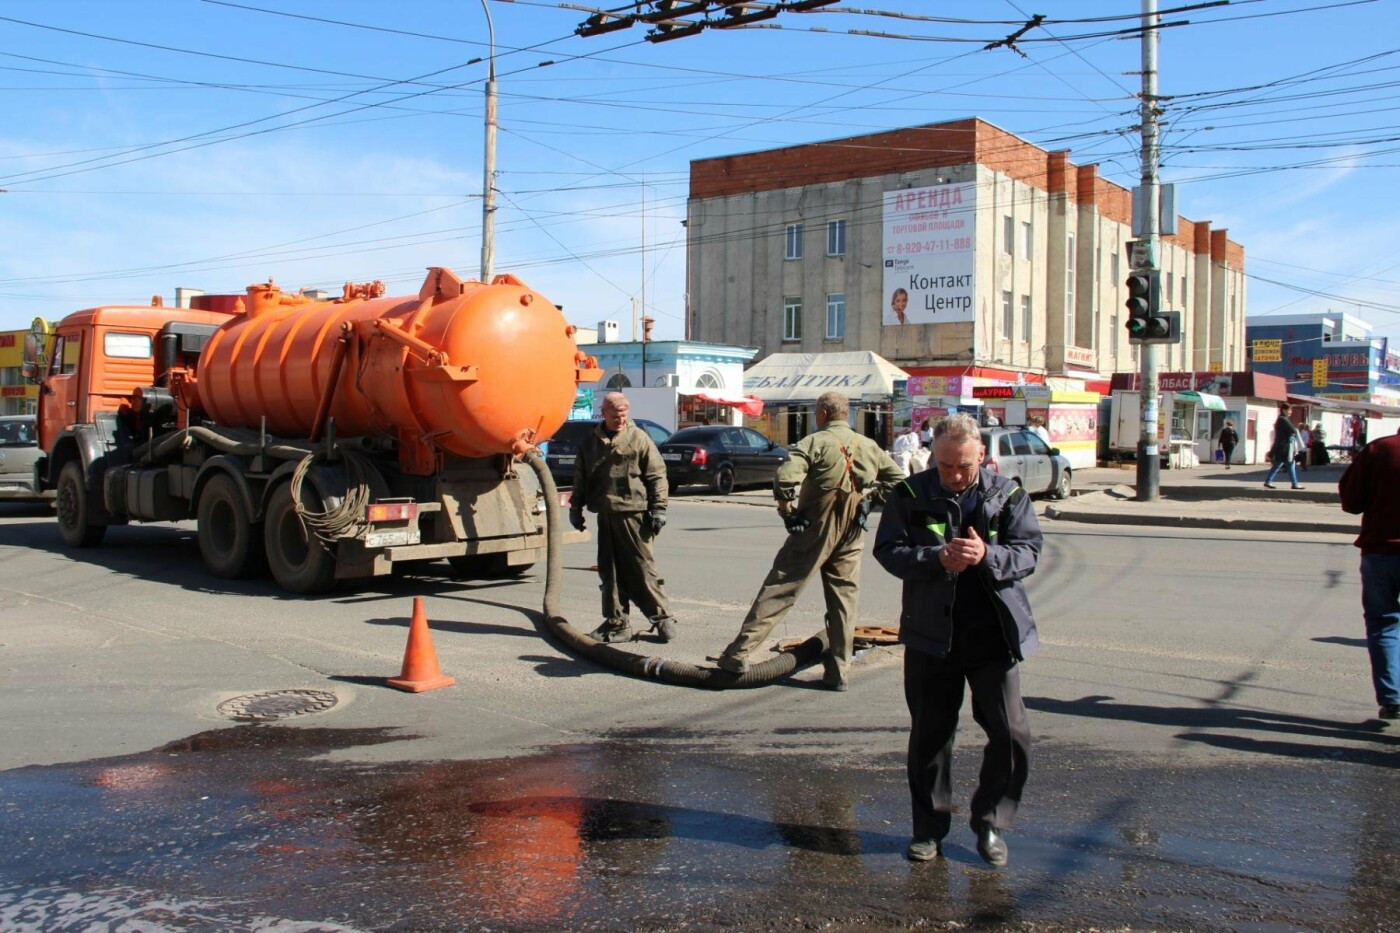 Тамбов у Центрального рынка тонет в сточных водах, фото-2